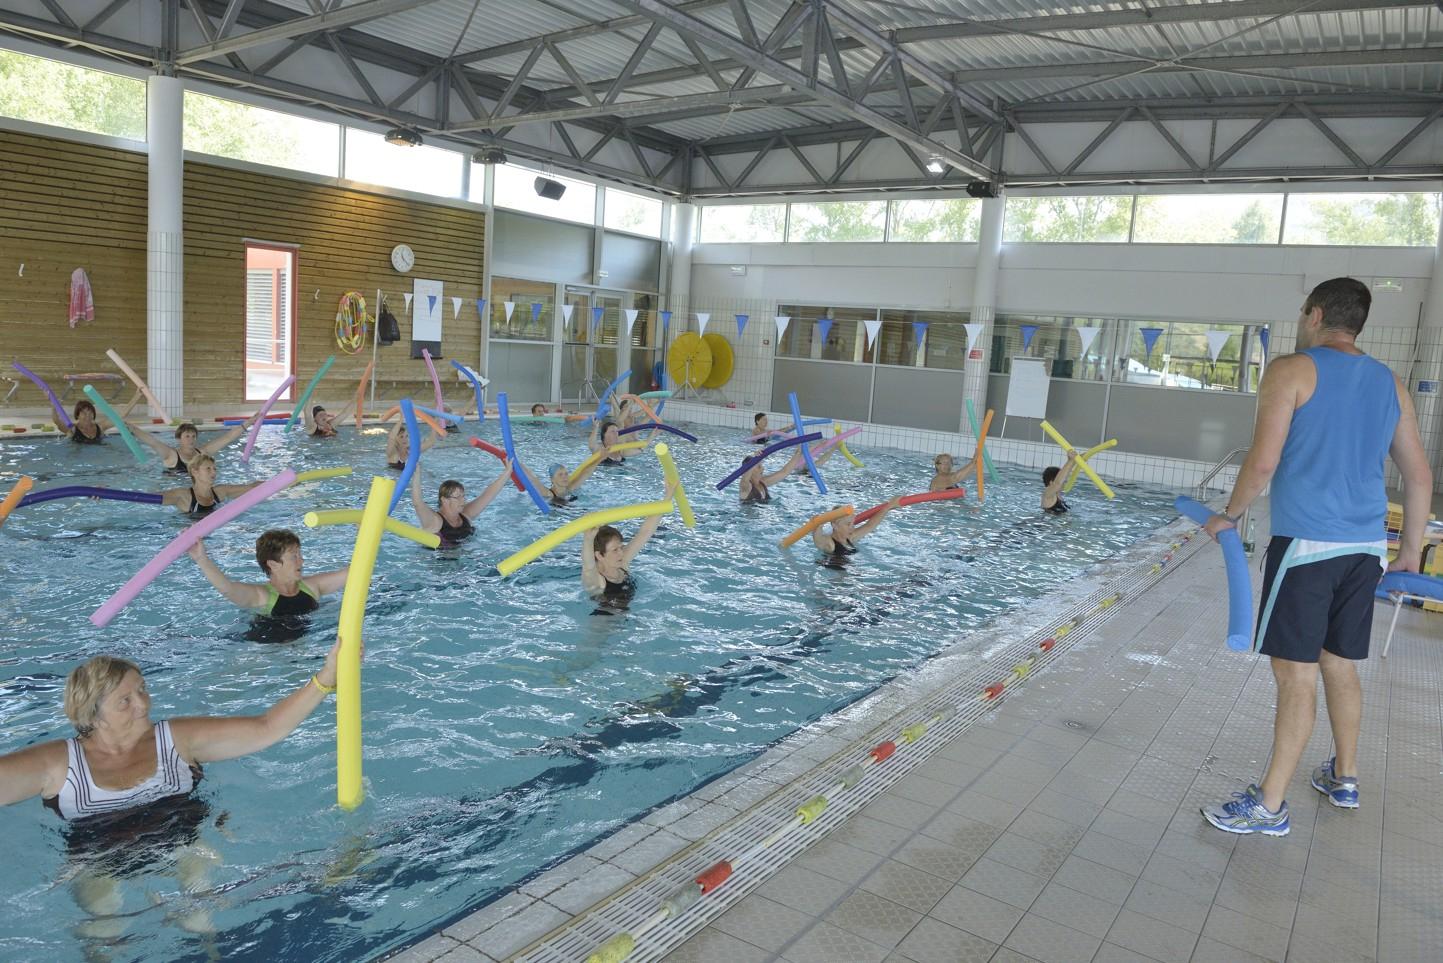 Centre Aquatique Bleu Rive avec Piscine St Vallier